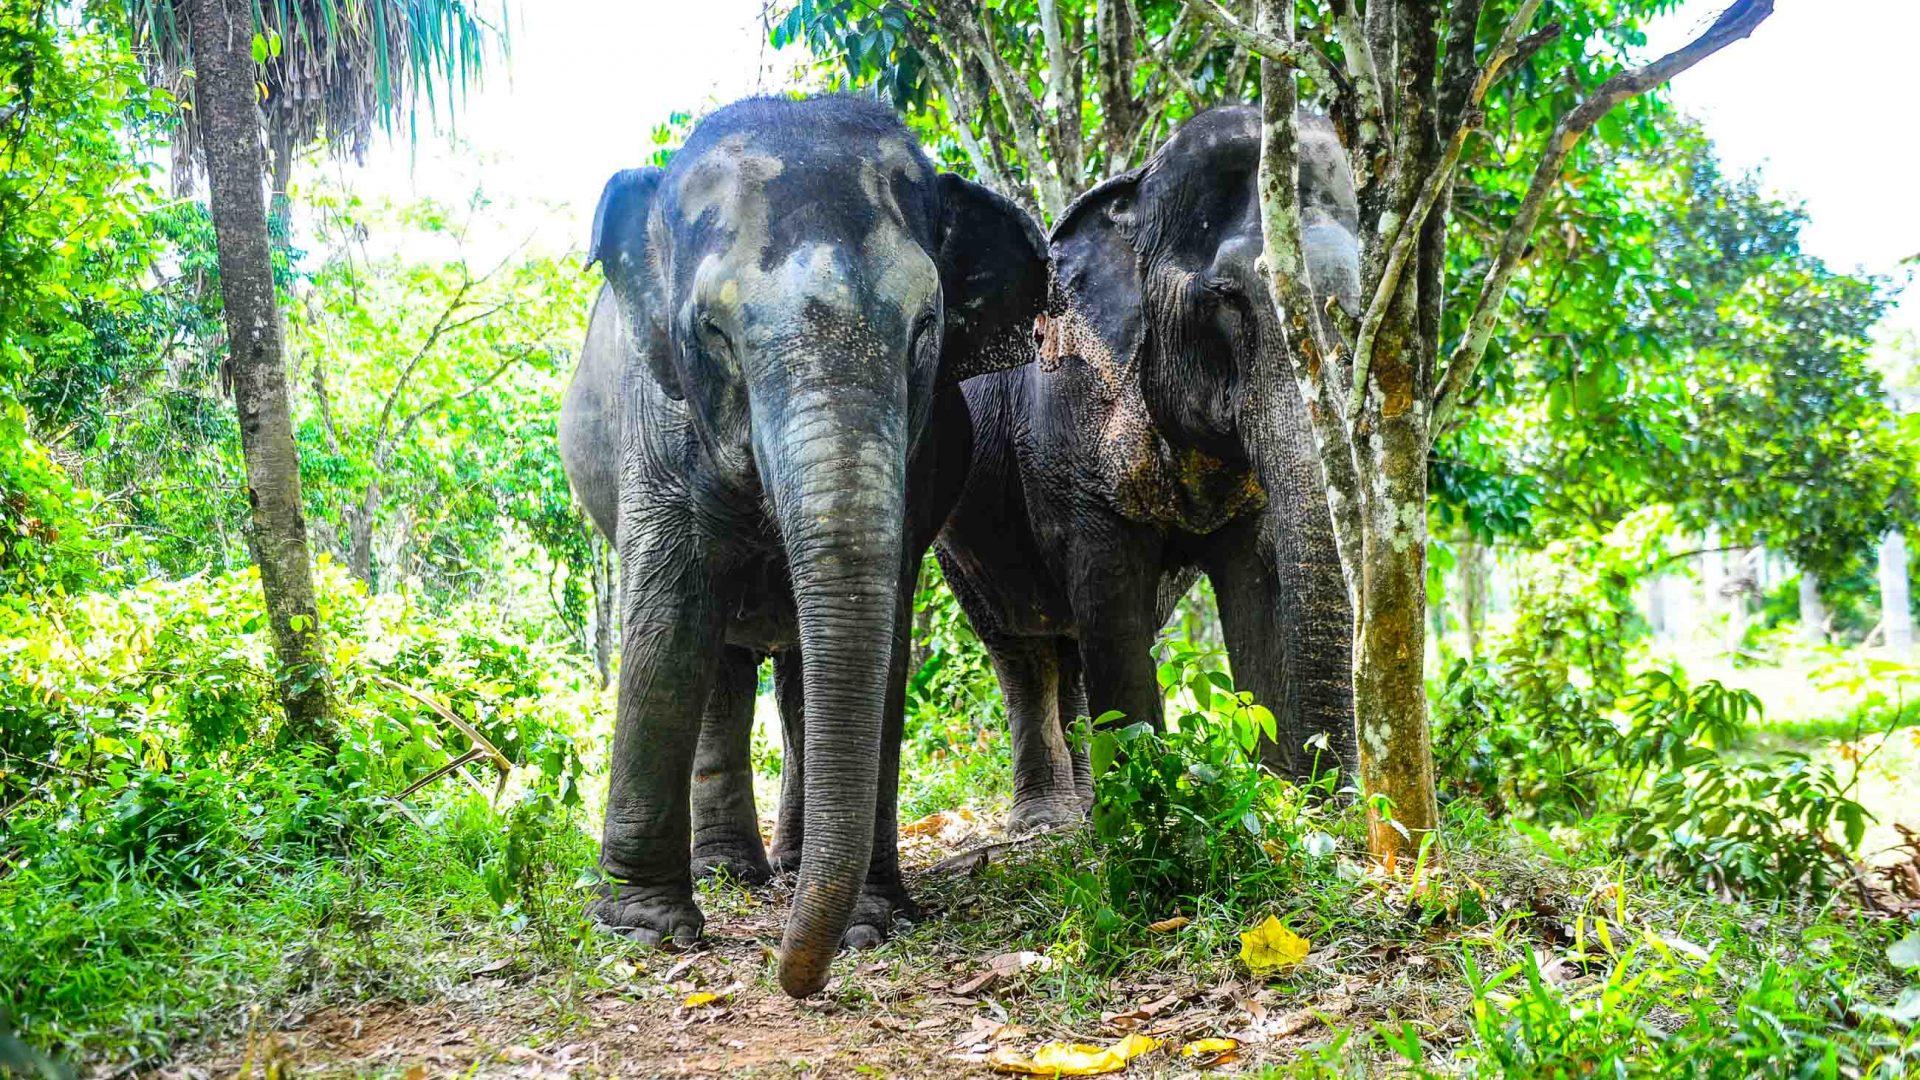 Elephants under a tree.